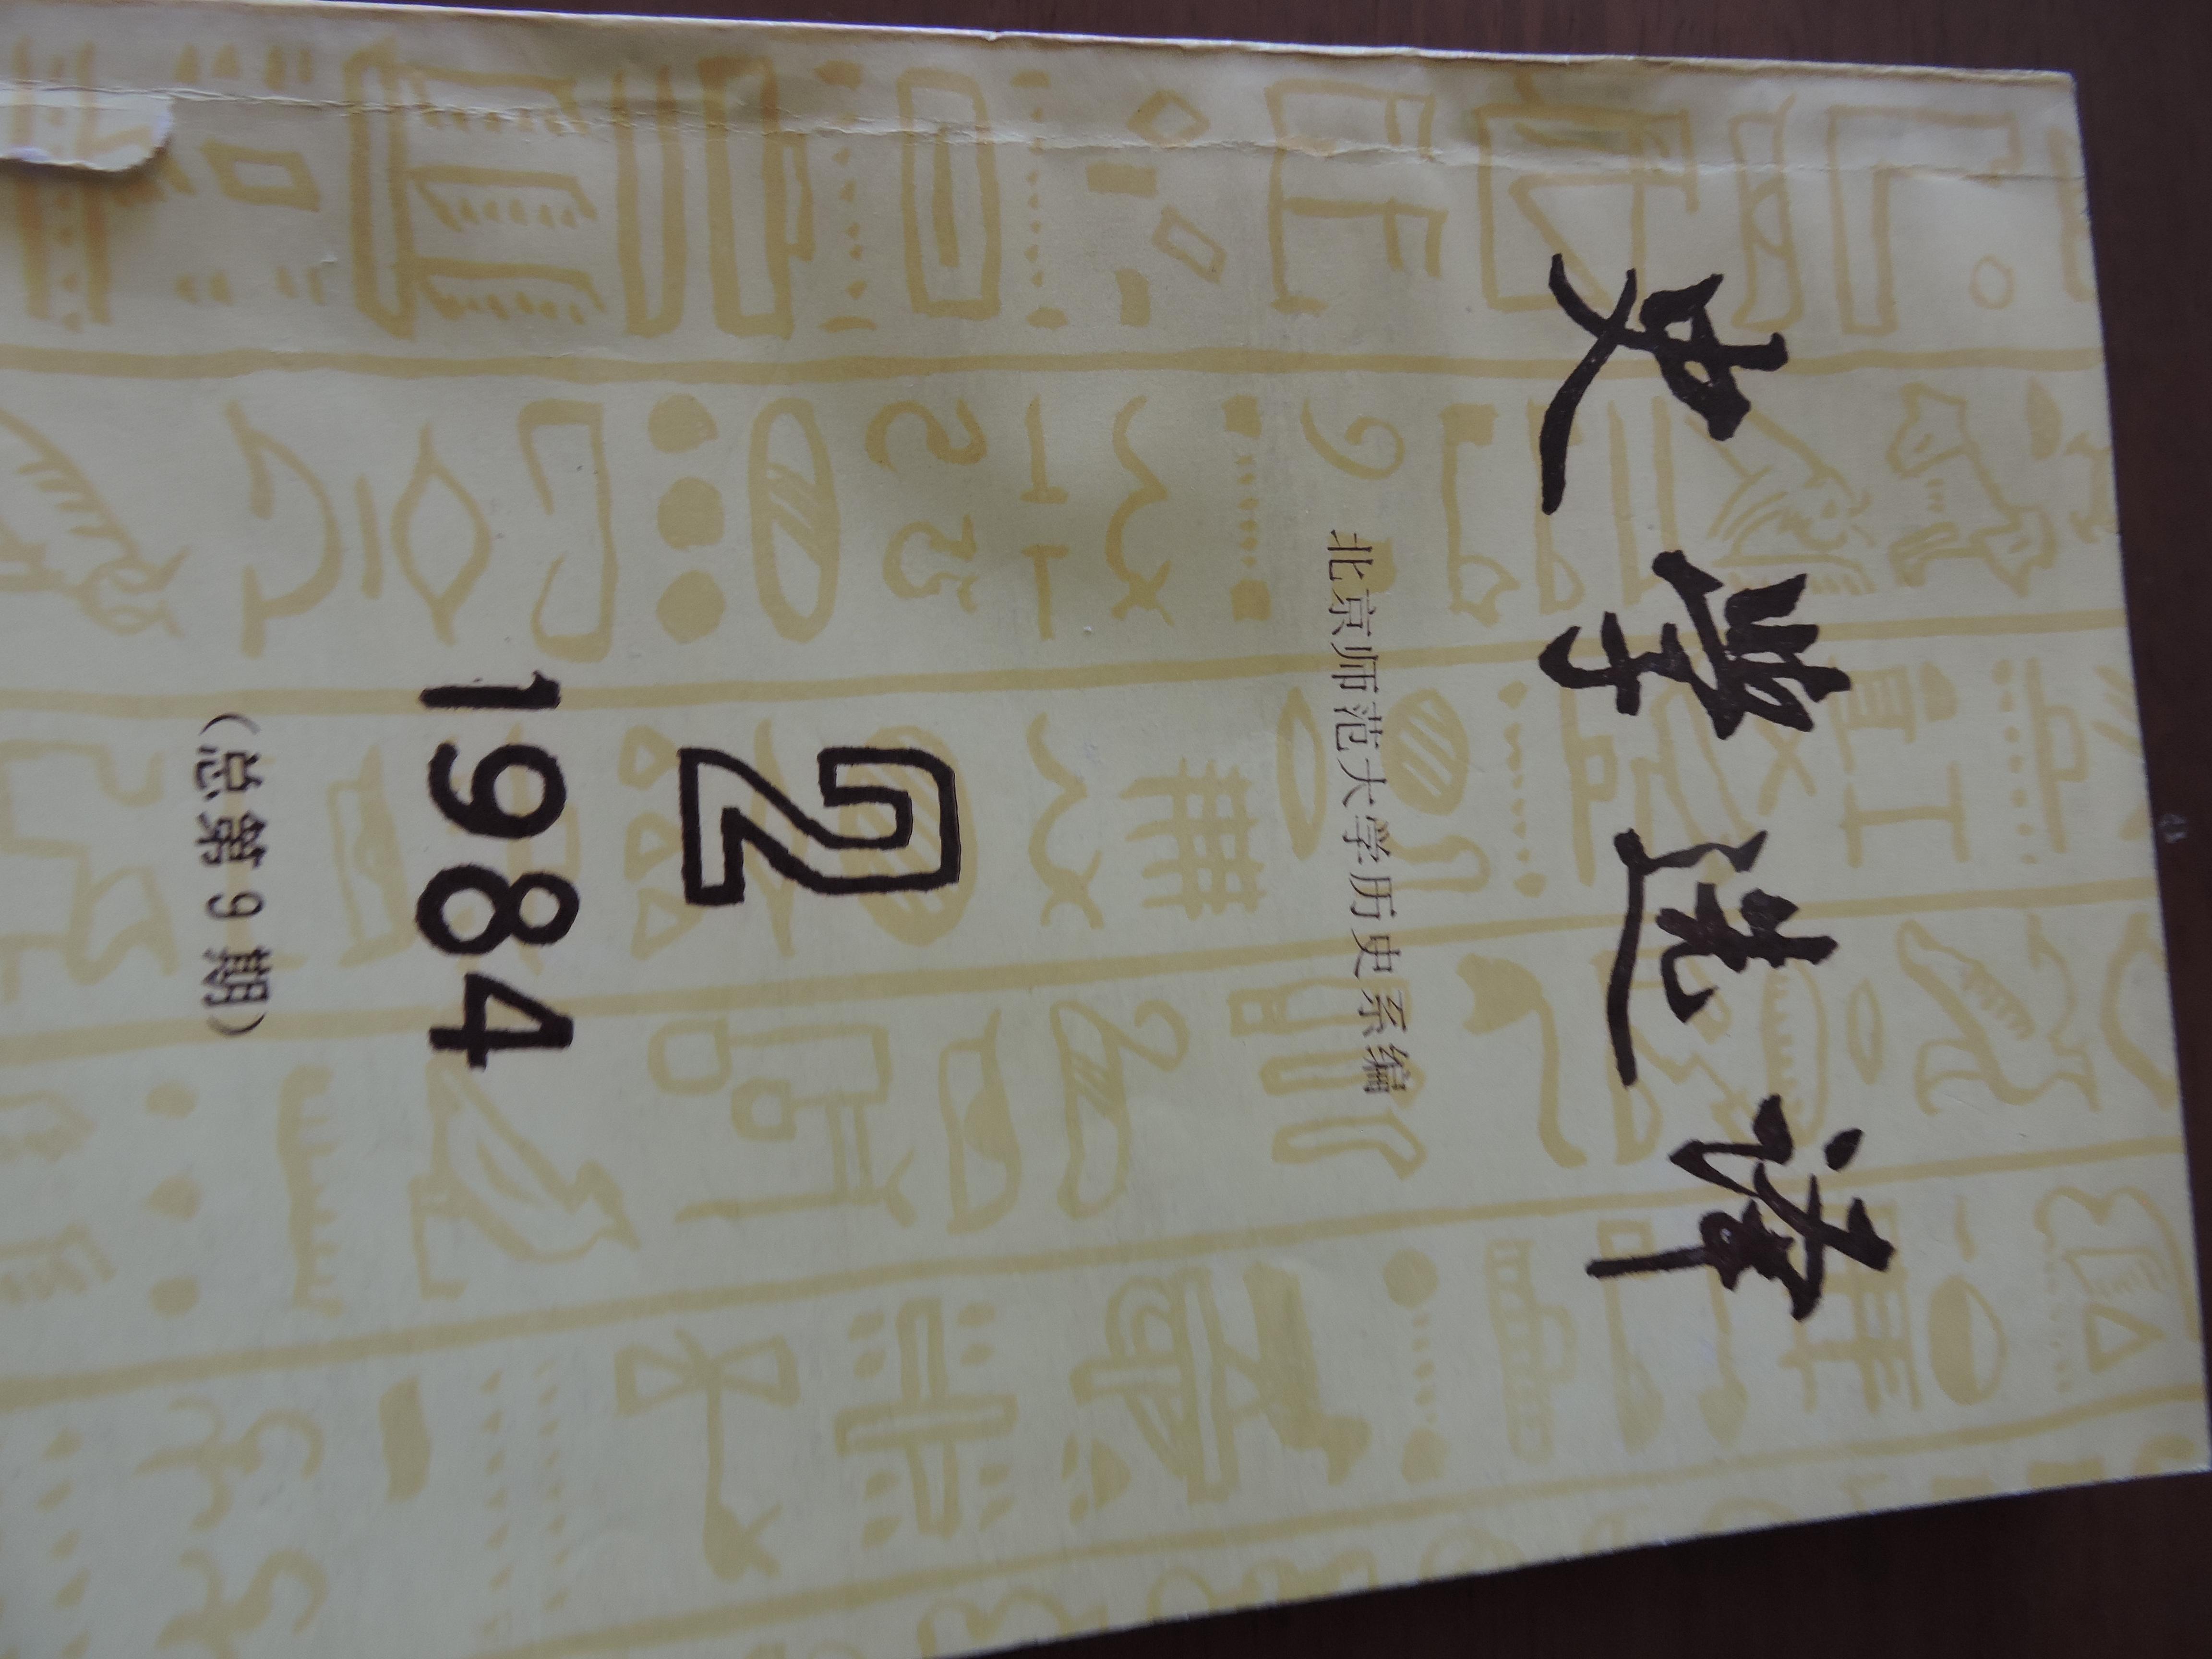 DSCN9826.JPG